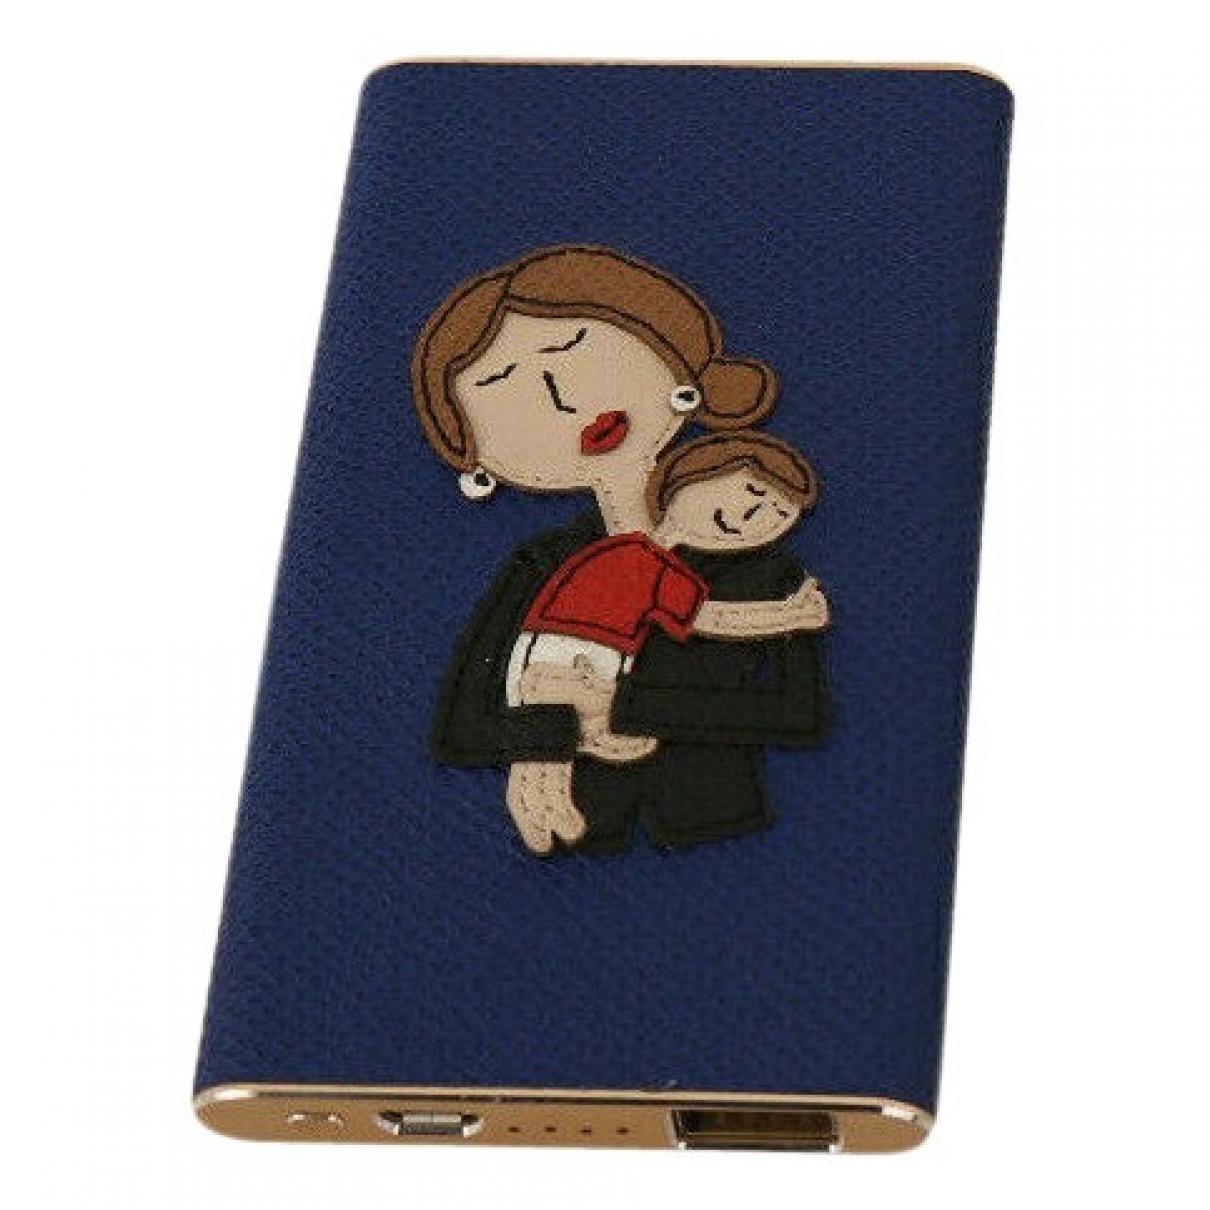 Dolce & Gabbana - Accessoires   pour lifestyle - bleu